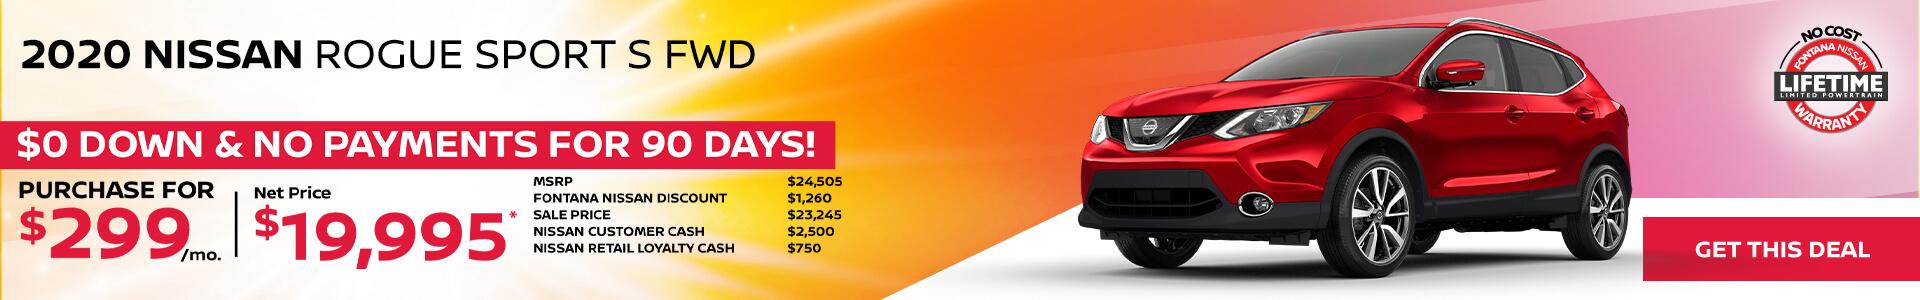 Nissan Rogue Sport $299